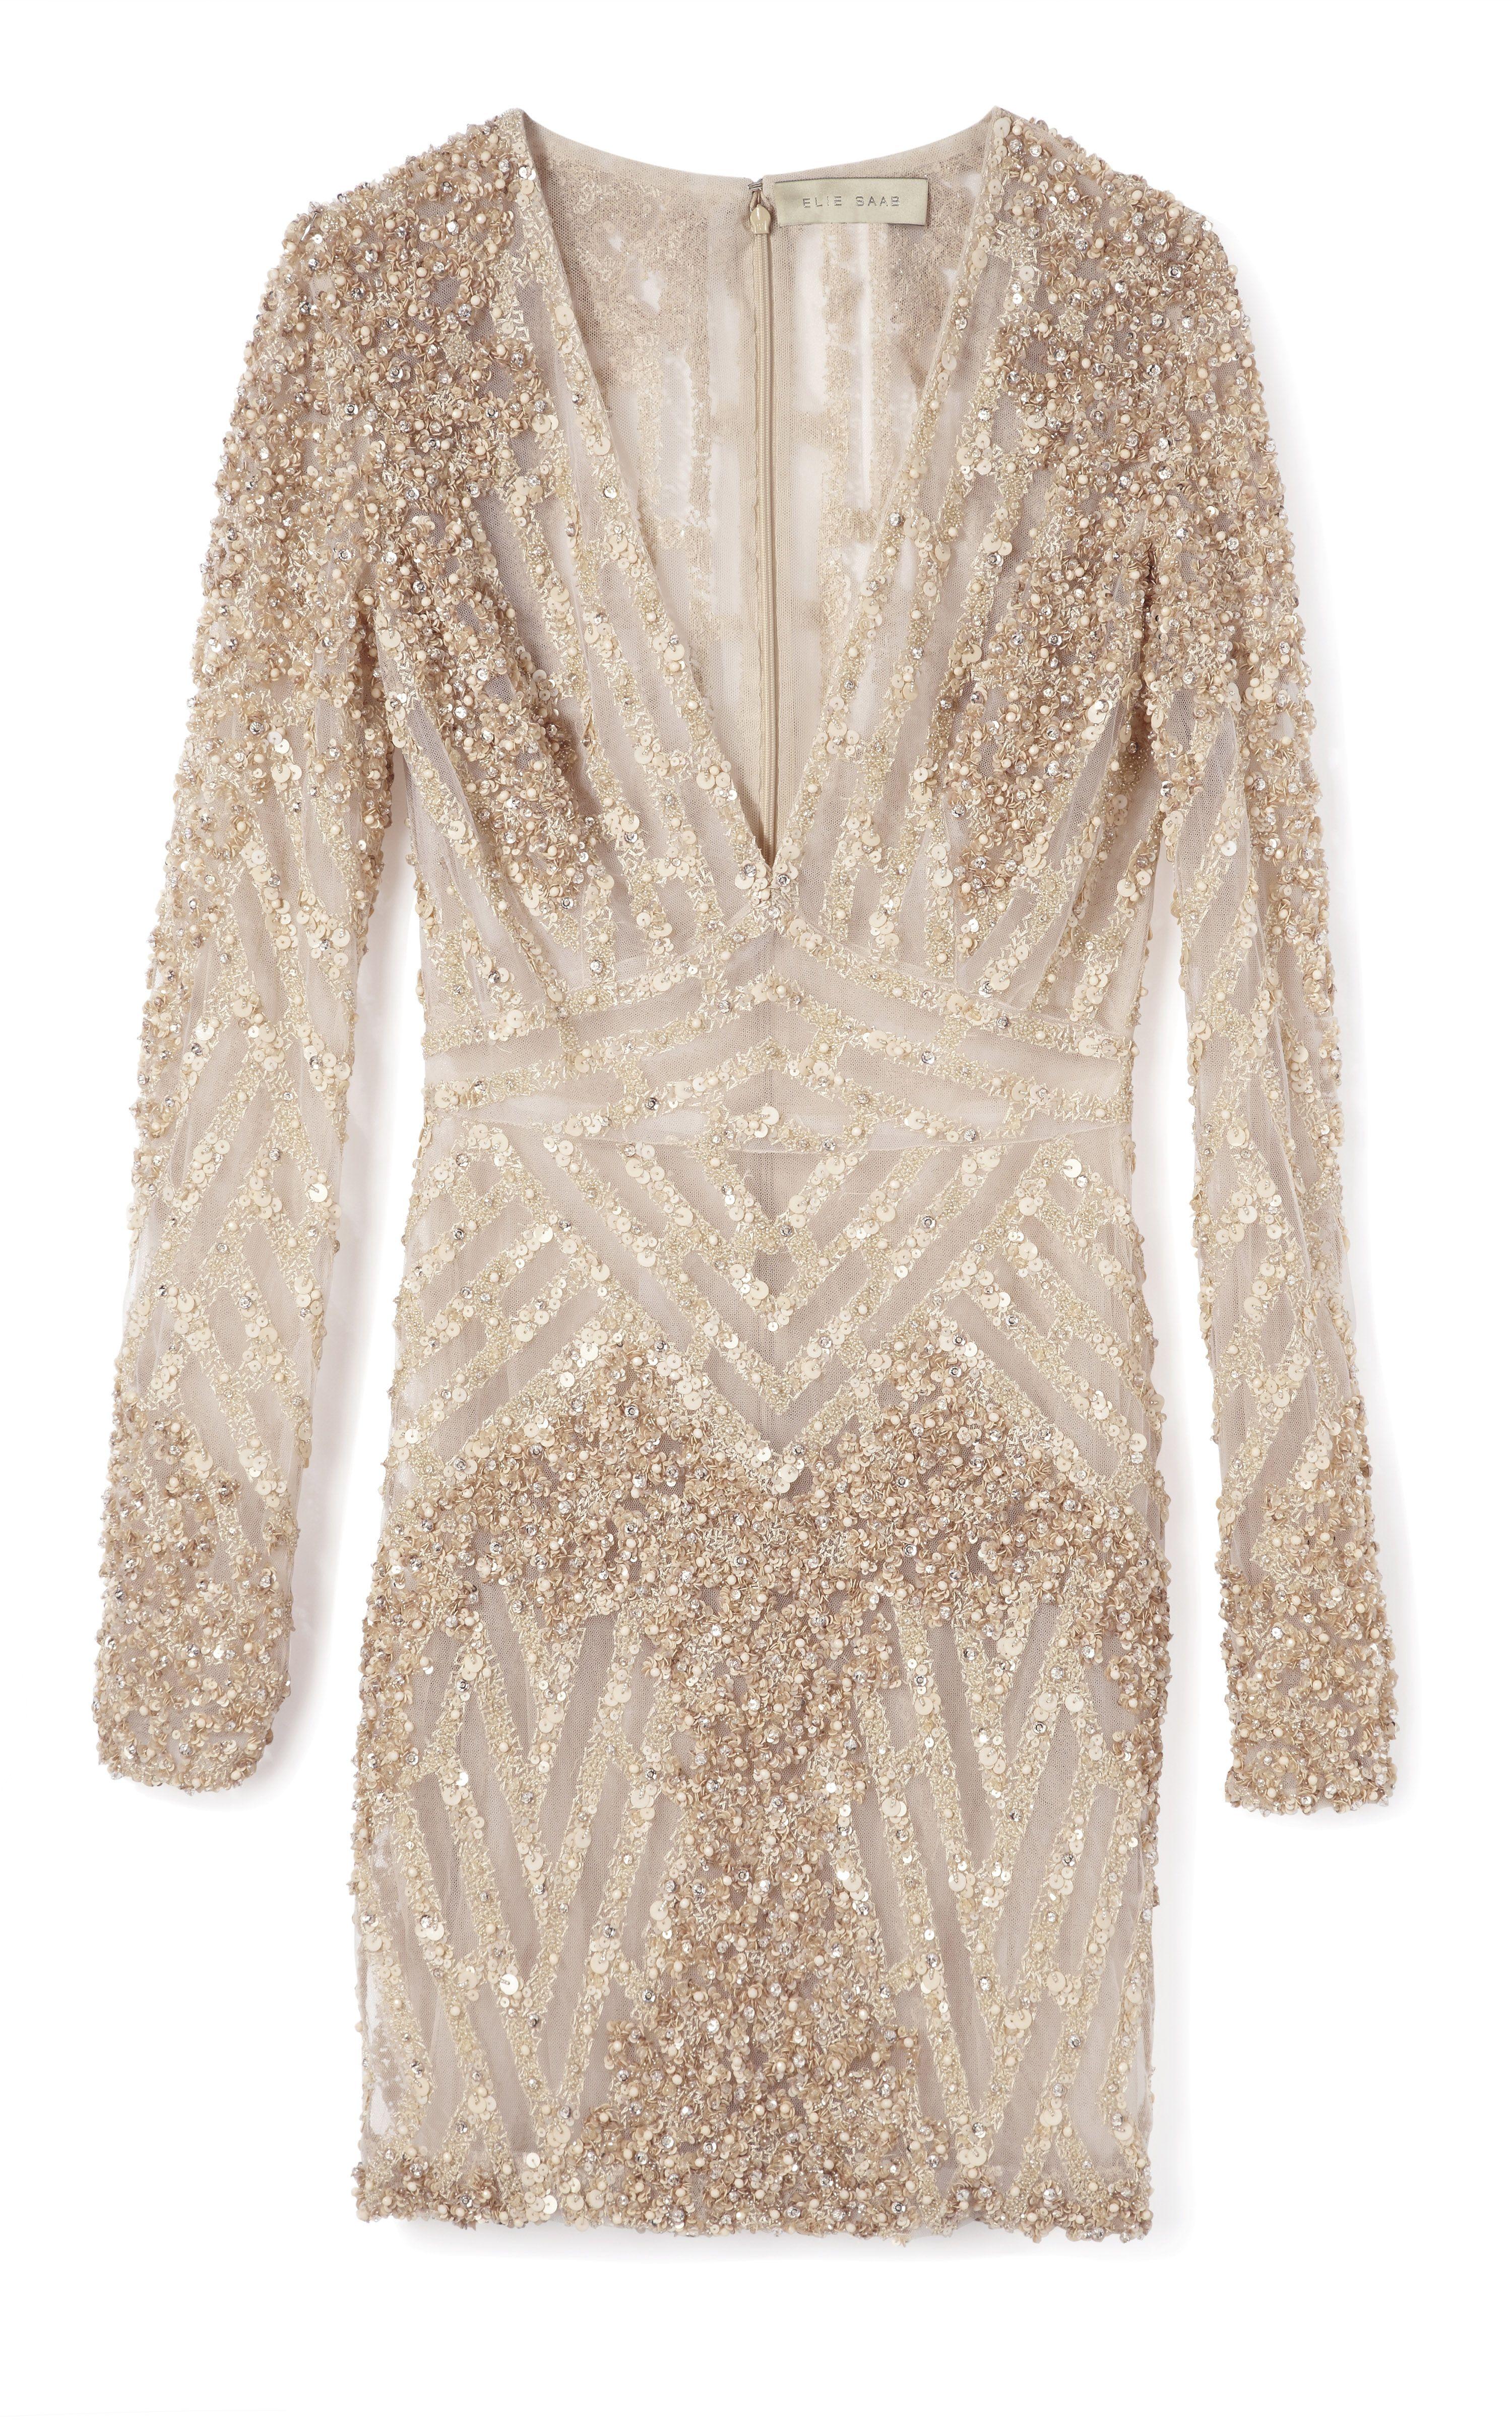 Elie Saab: Vanilla Fully Embroidered Mini Dress